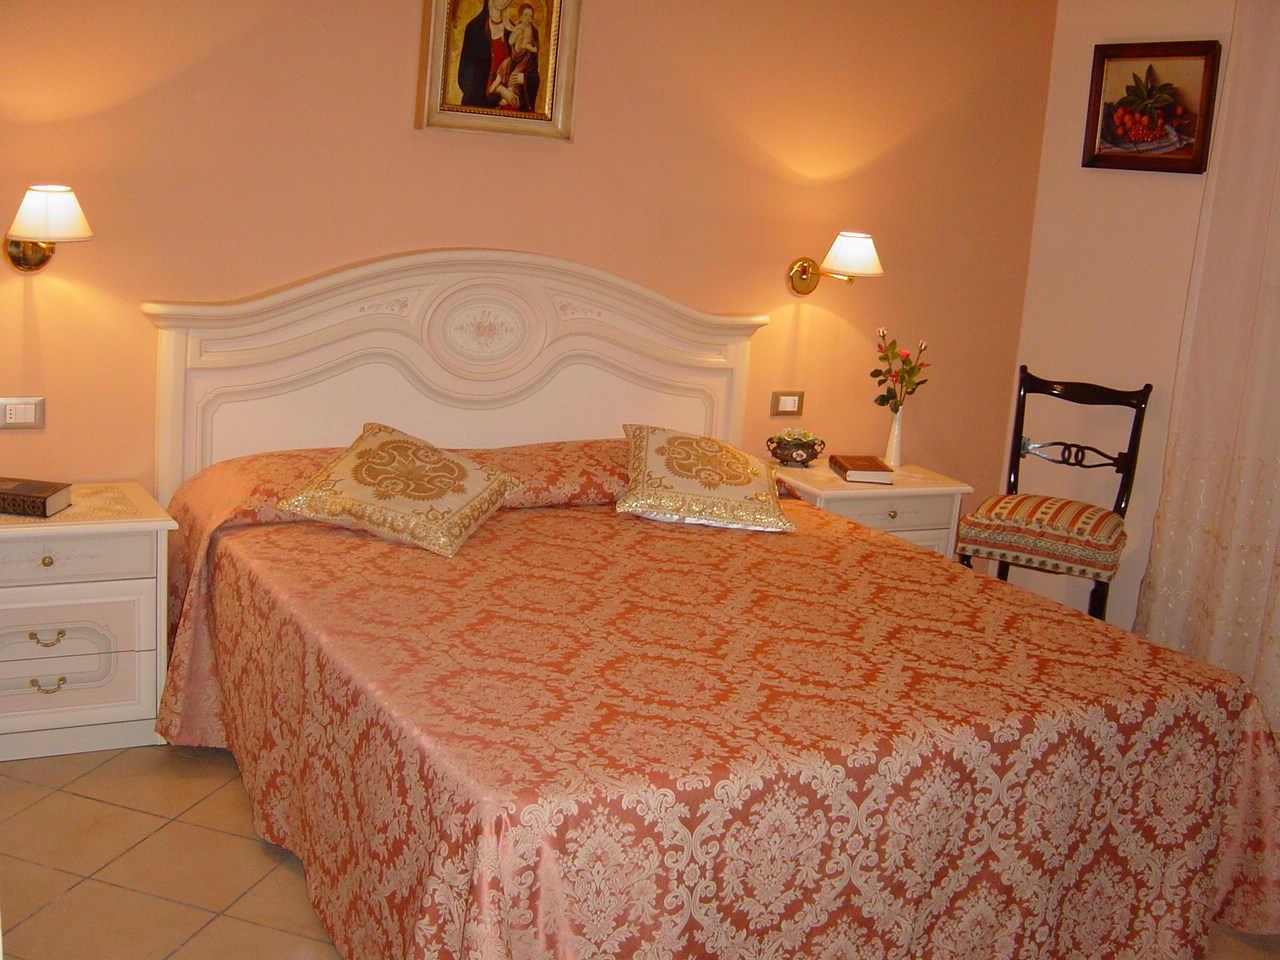 Camera Da Letto Color Rosa : Pittura camera da letto rosa antico color cipria per pareti iv